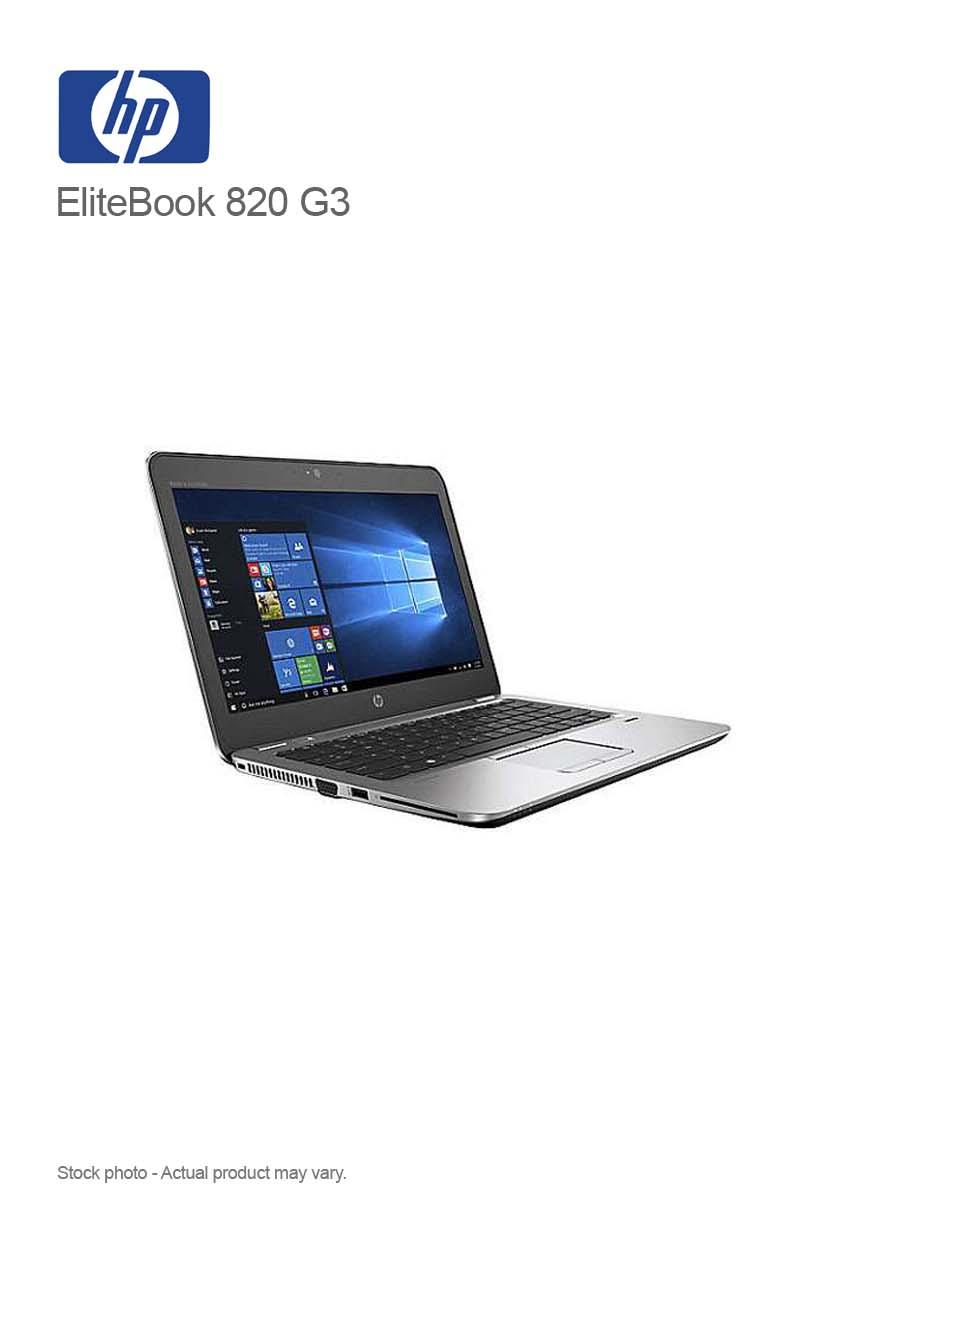 HP EliteBook 820 G3 Core i5-6300U 8GB 250GB SSD 12 5